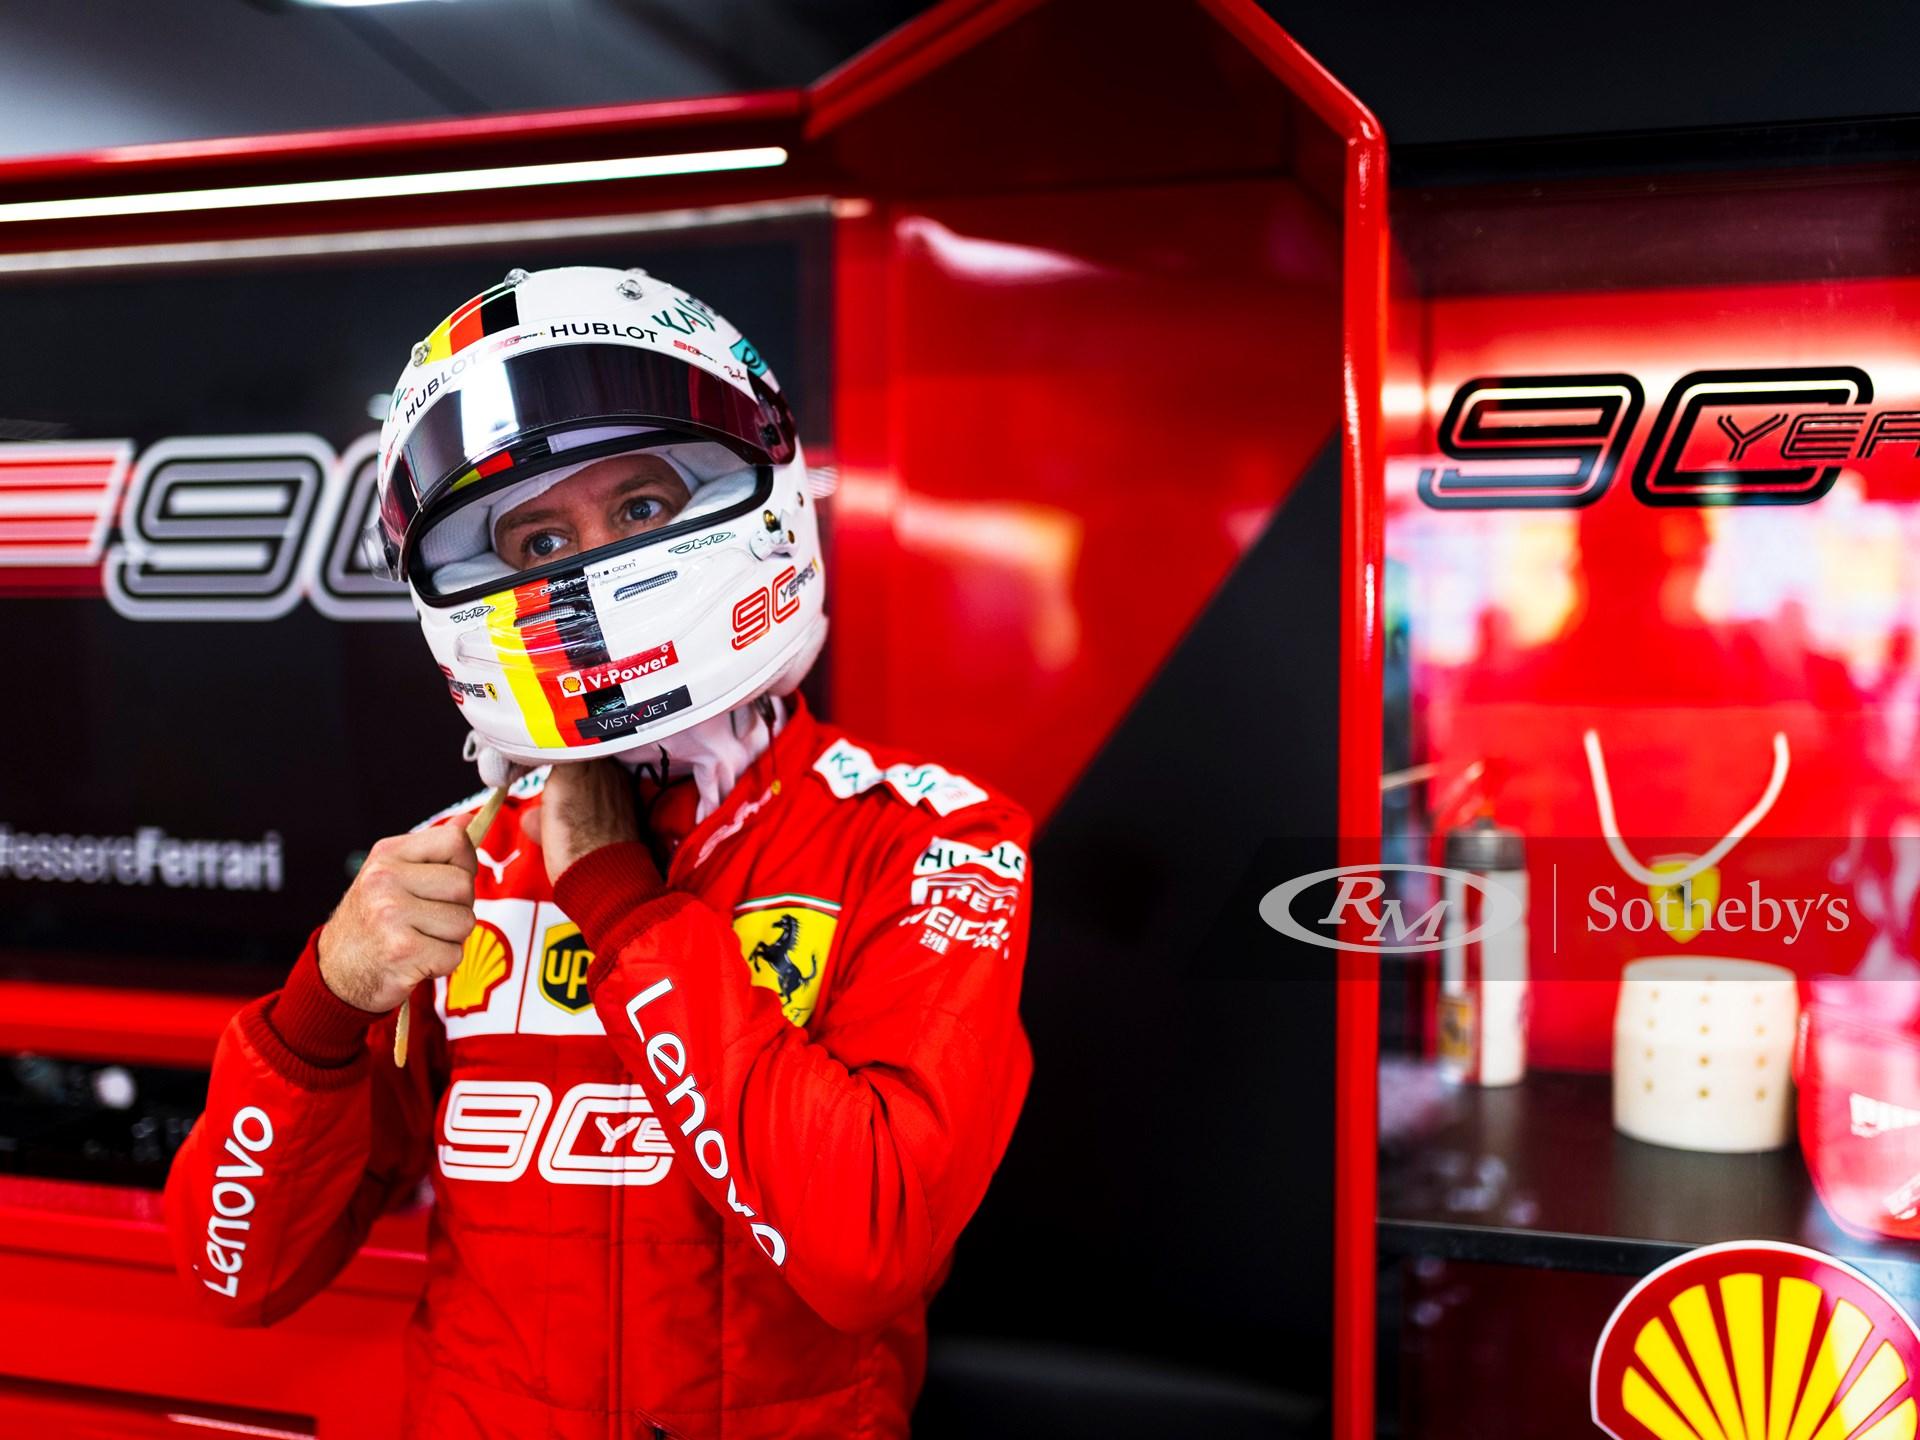 Sebastian Vettel Ferrari Racing Suit, 2019 -